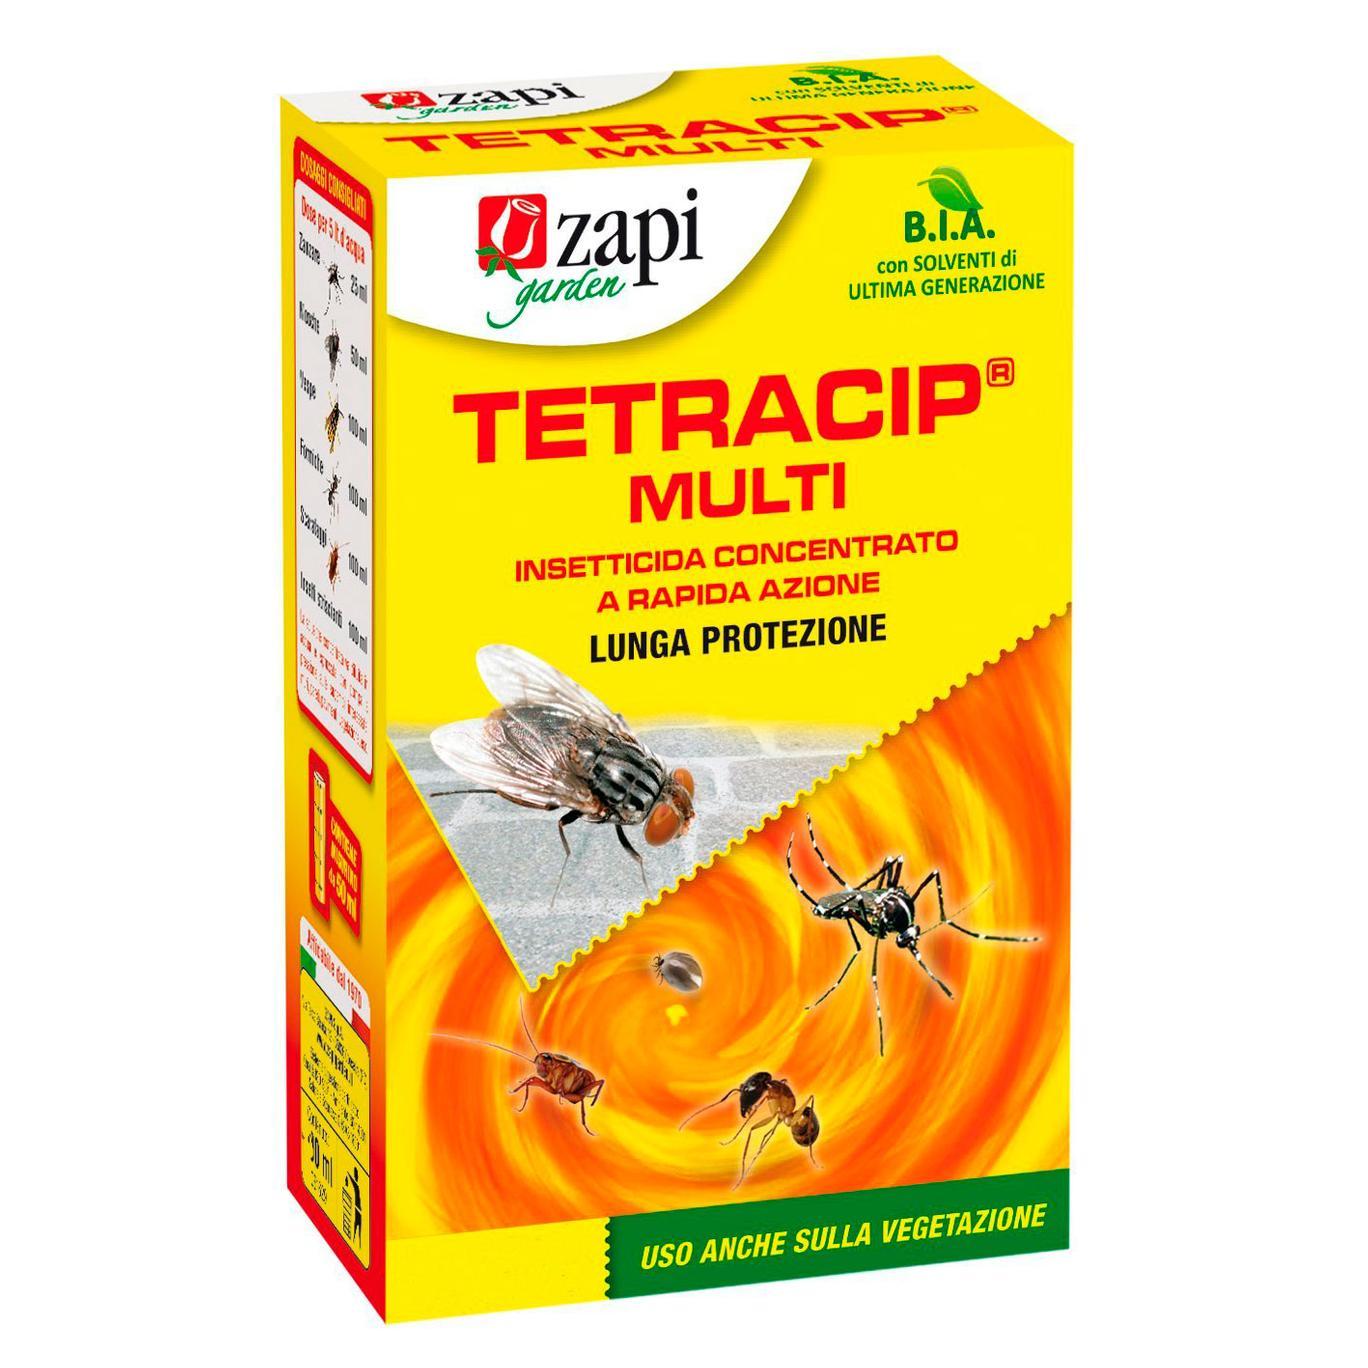 Tetracip Multi 250ml Insetticida MULTINSETTO concentrato a RAPIDA AZIONE